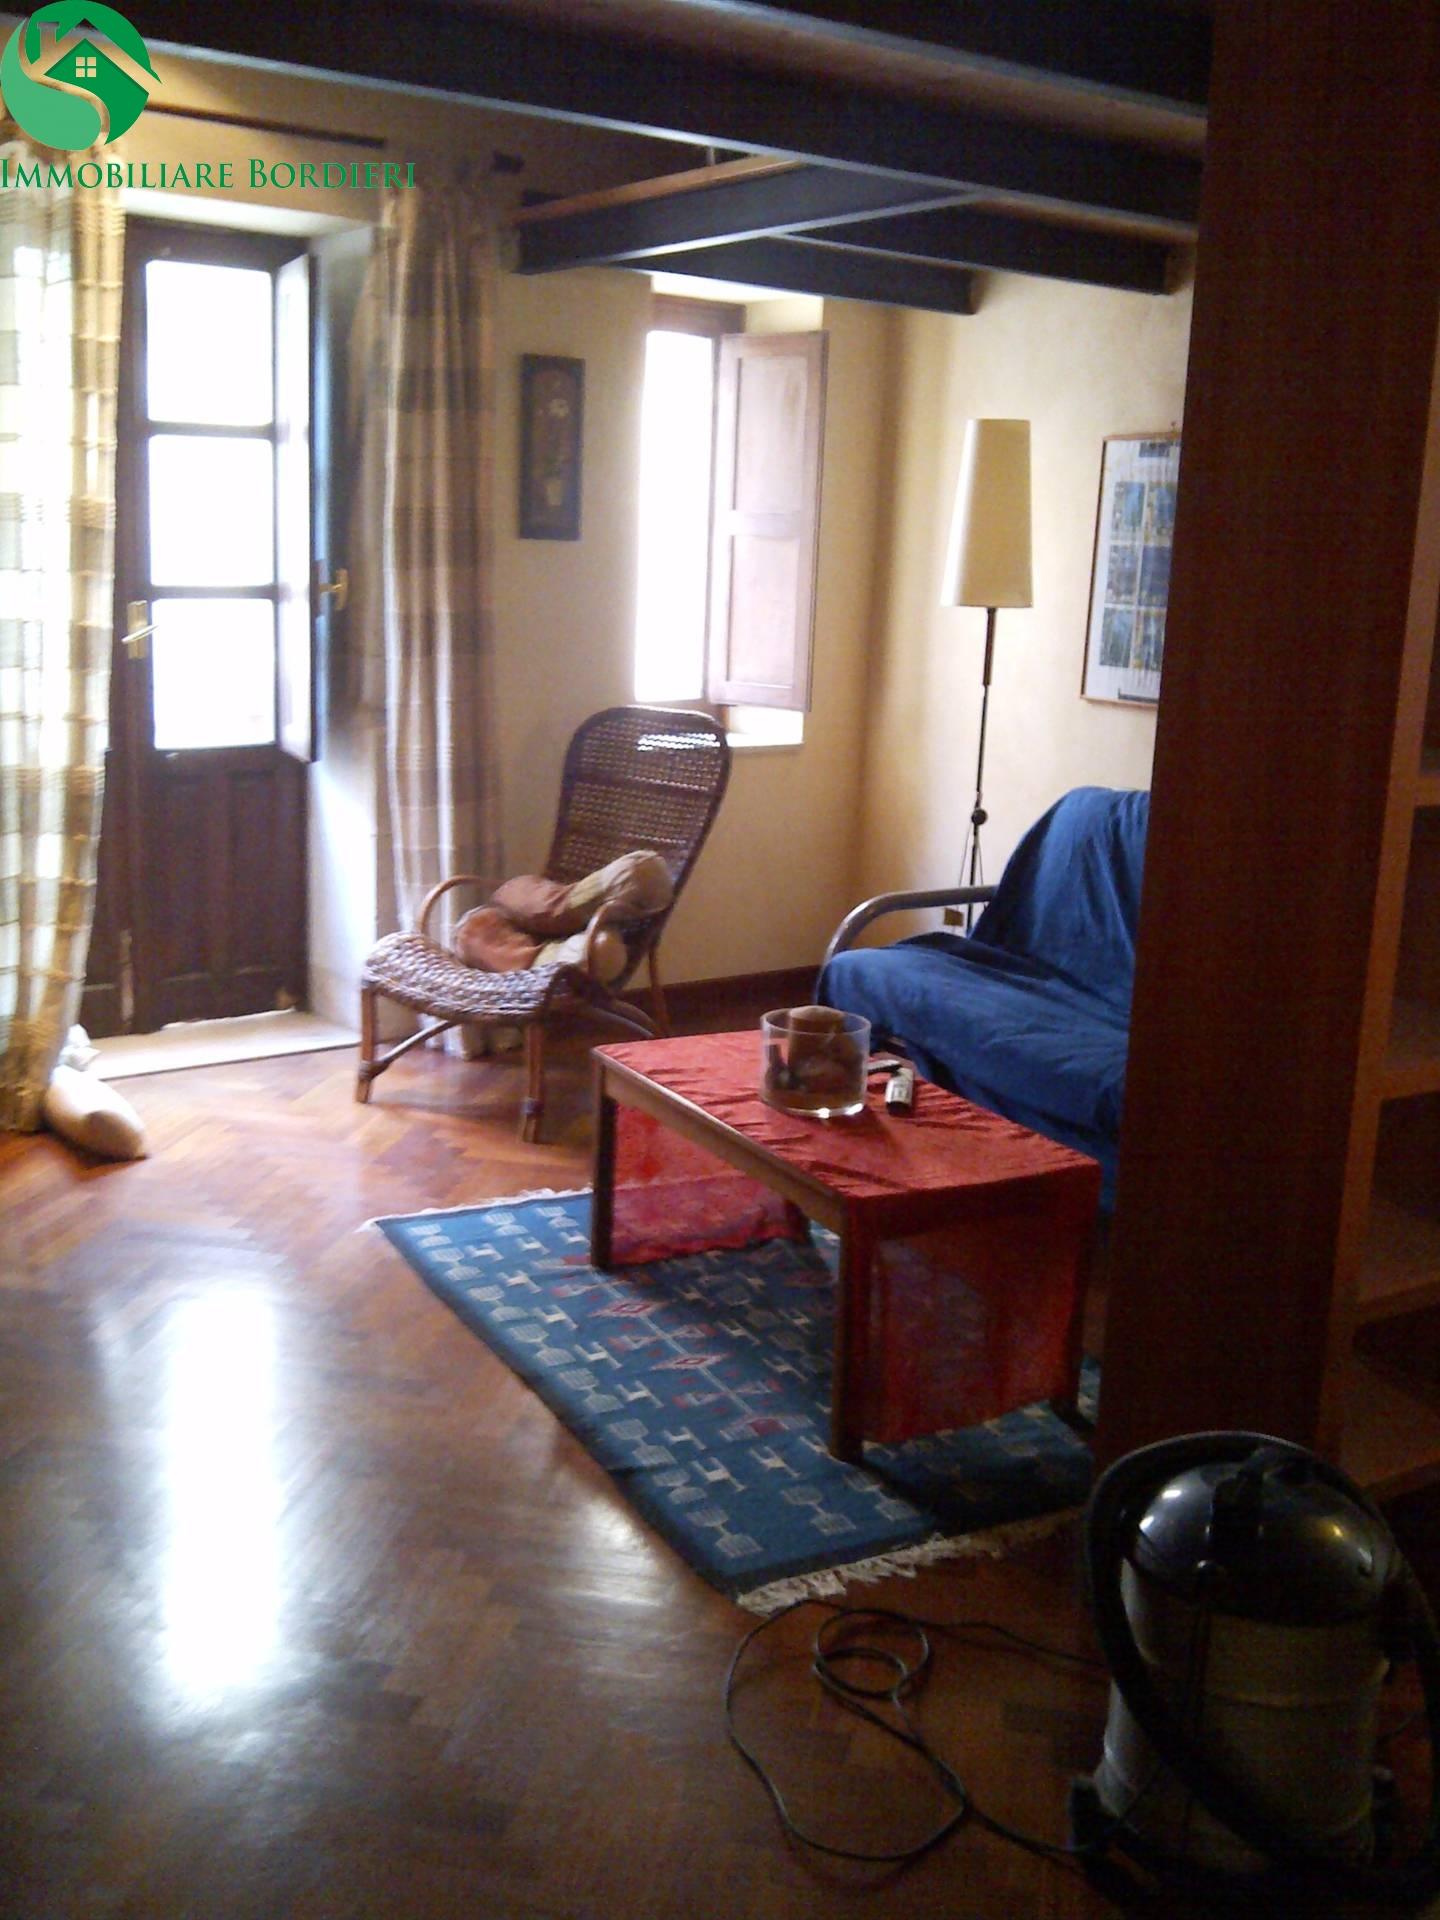 Appartamento in affitto a Siracusa, 2 locali, zona Zona: Ortigia, prezzo € 600 | CambioCasa.it